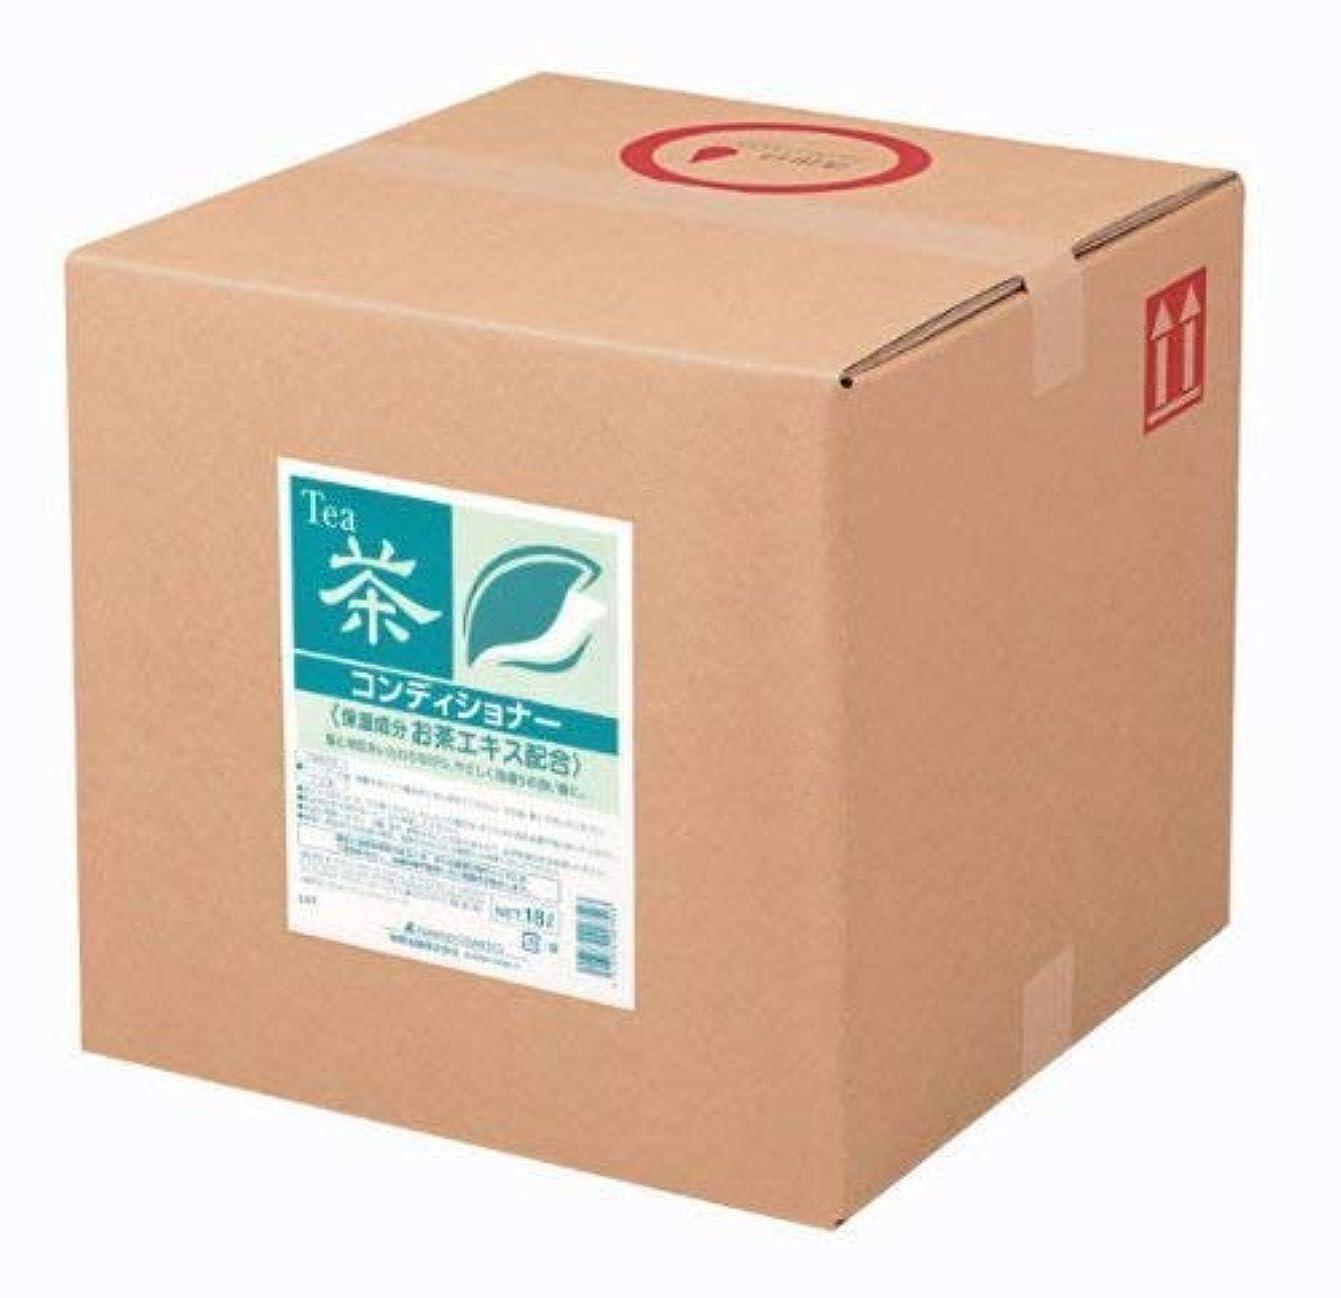 速いワット銅業務用 SCRITT(スクリット) お茶 コンディショナー 18L 熊野油脂 (コック無し)